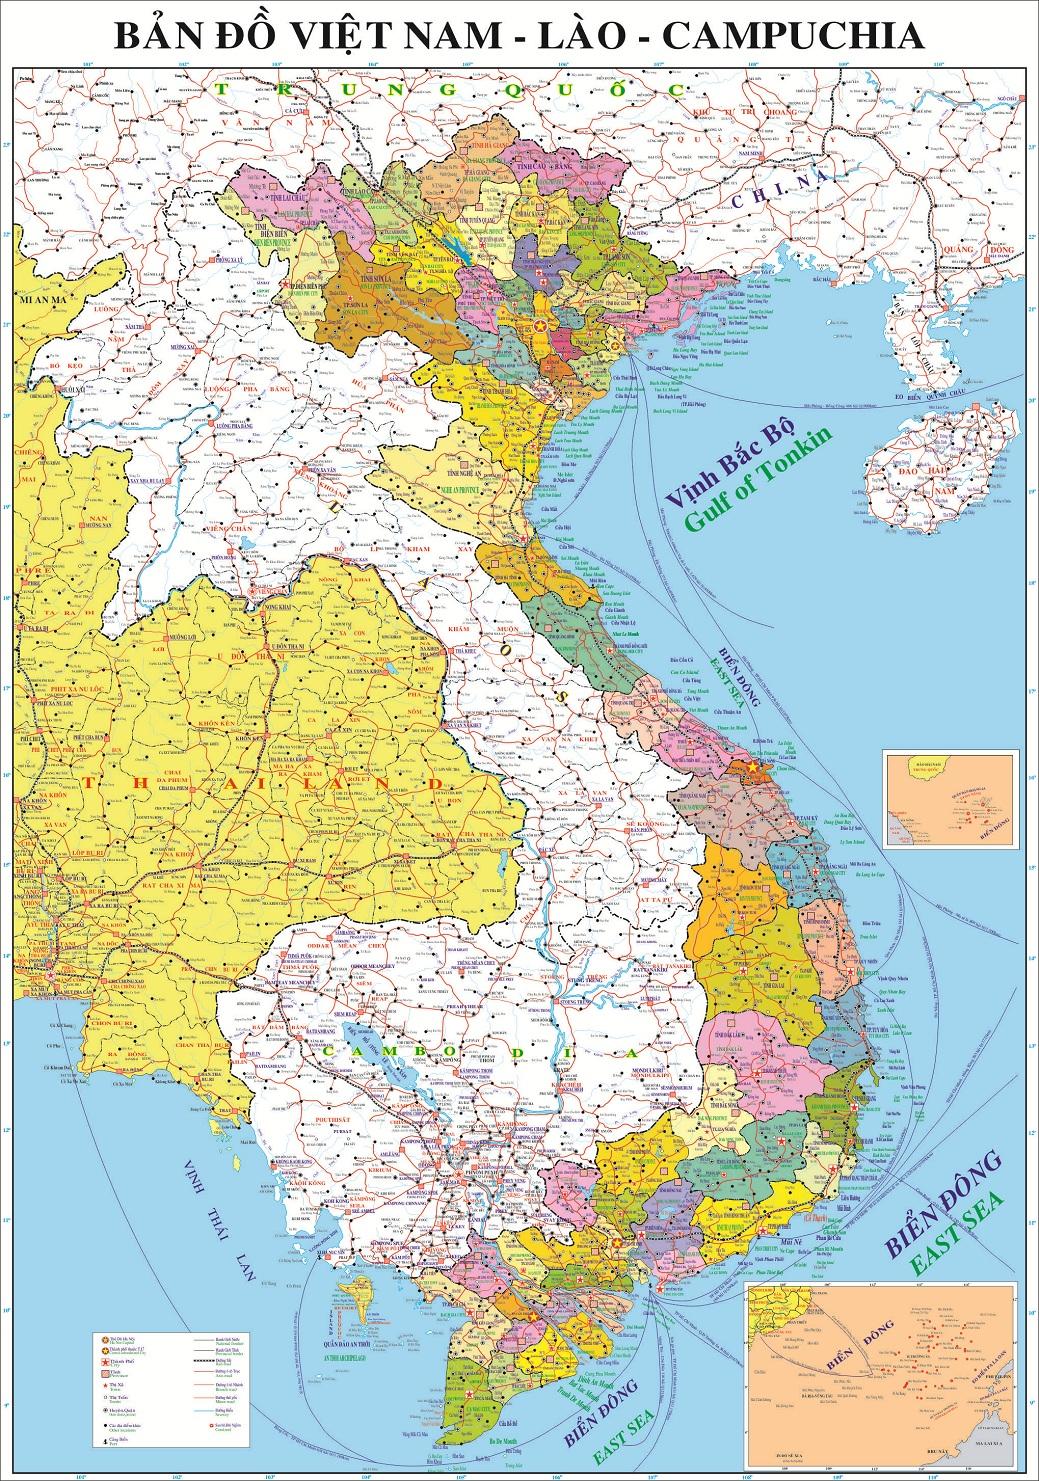 ban do cac tinh thanh Viet Nam